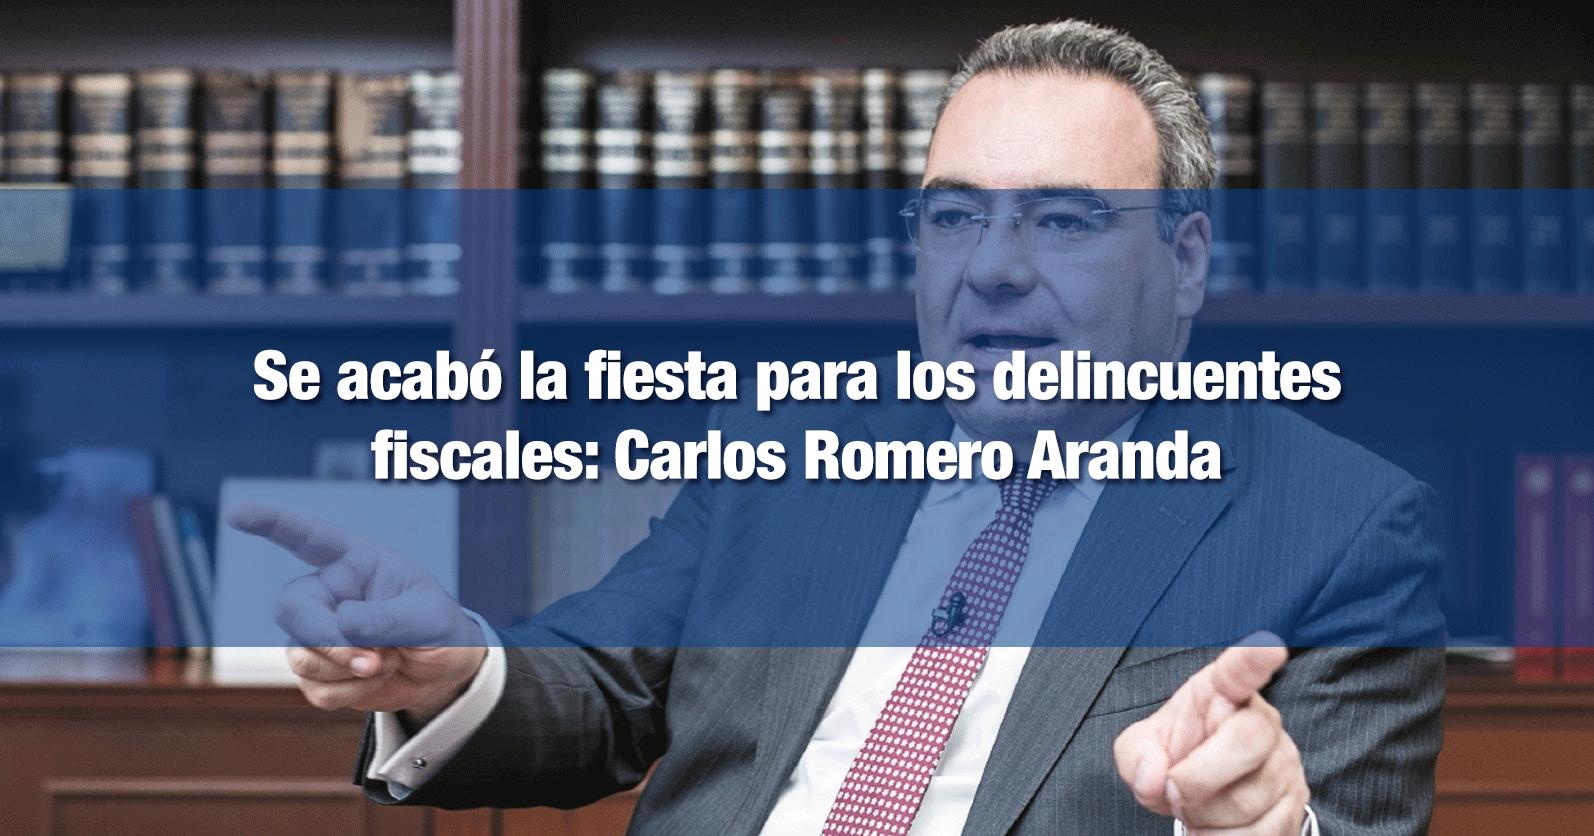 Se acabó la fiesta para los delincuentes fiscales: Carlos Romero Aranda